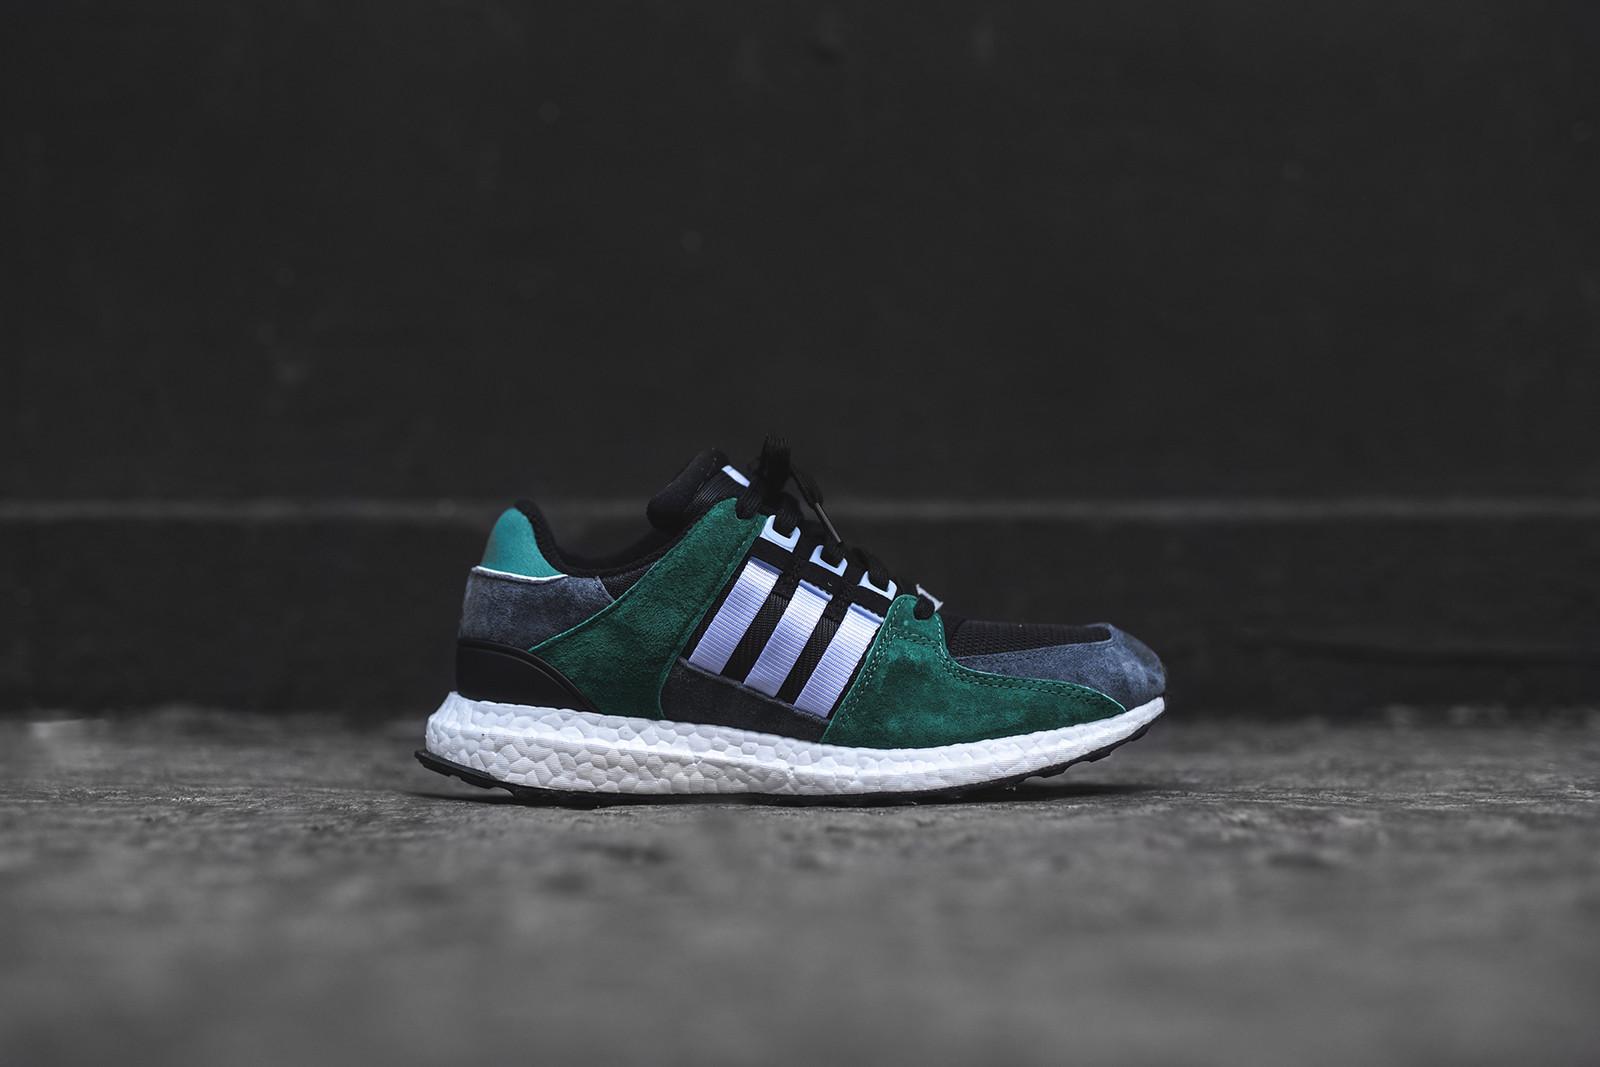 Adidas Eqt 93 Green